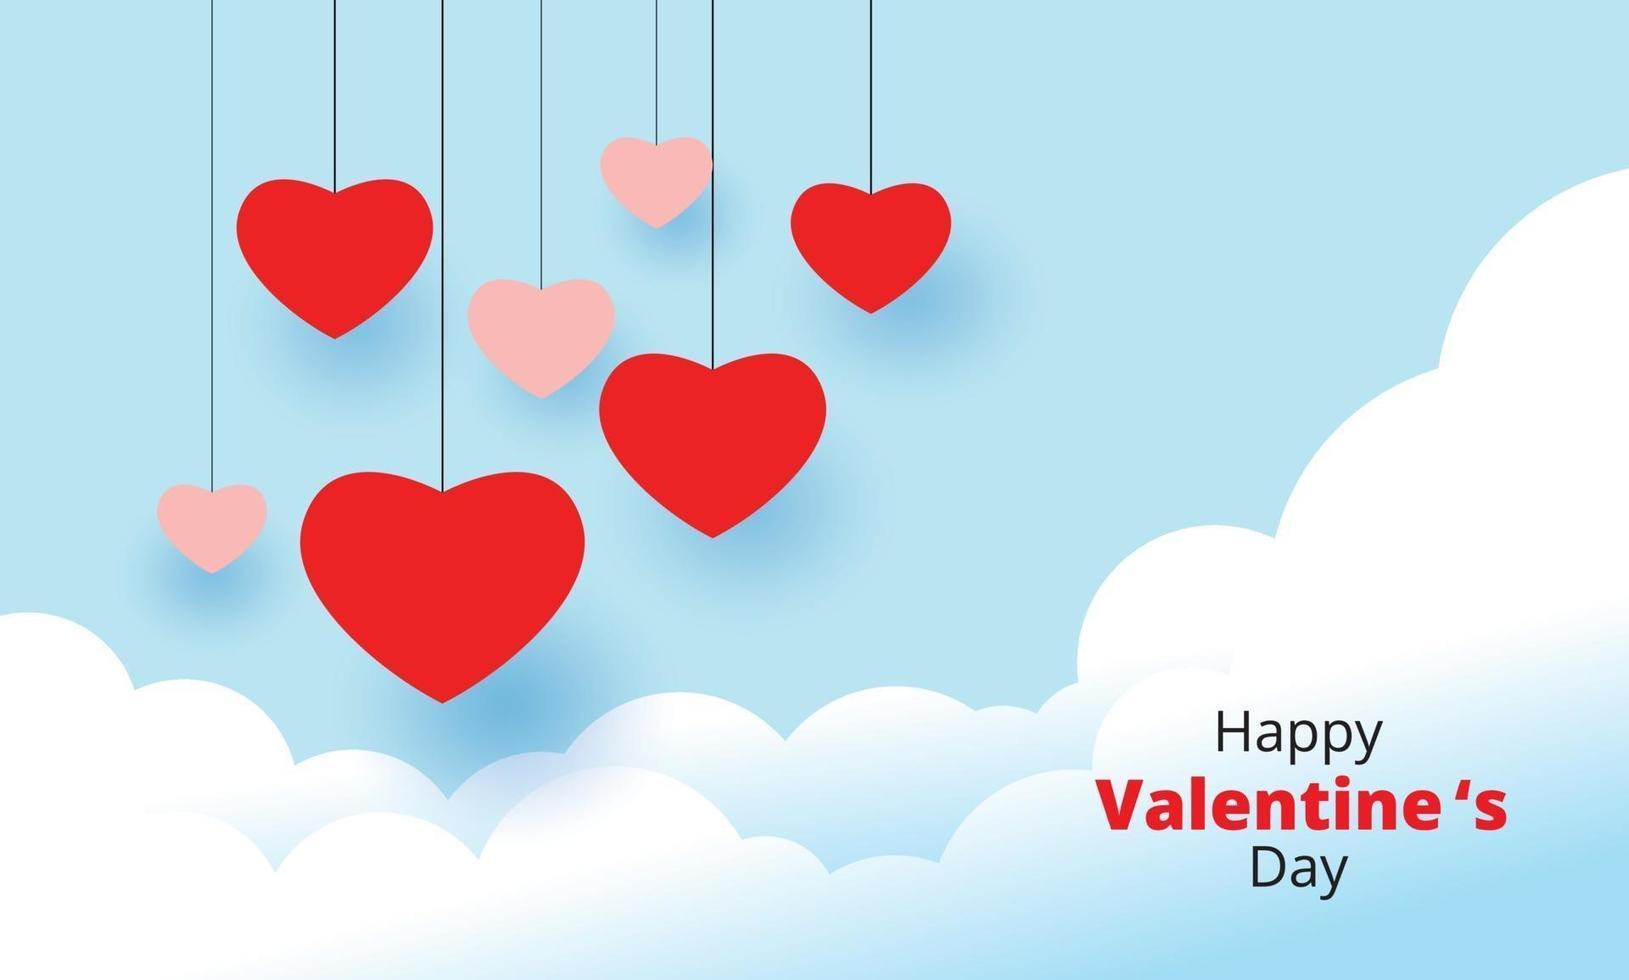 gelukkige Valentijnsdag, hangende harten achtergrond vector